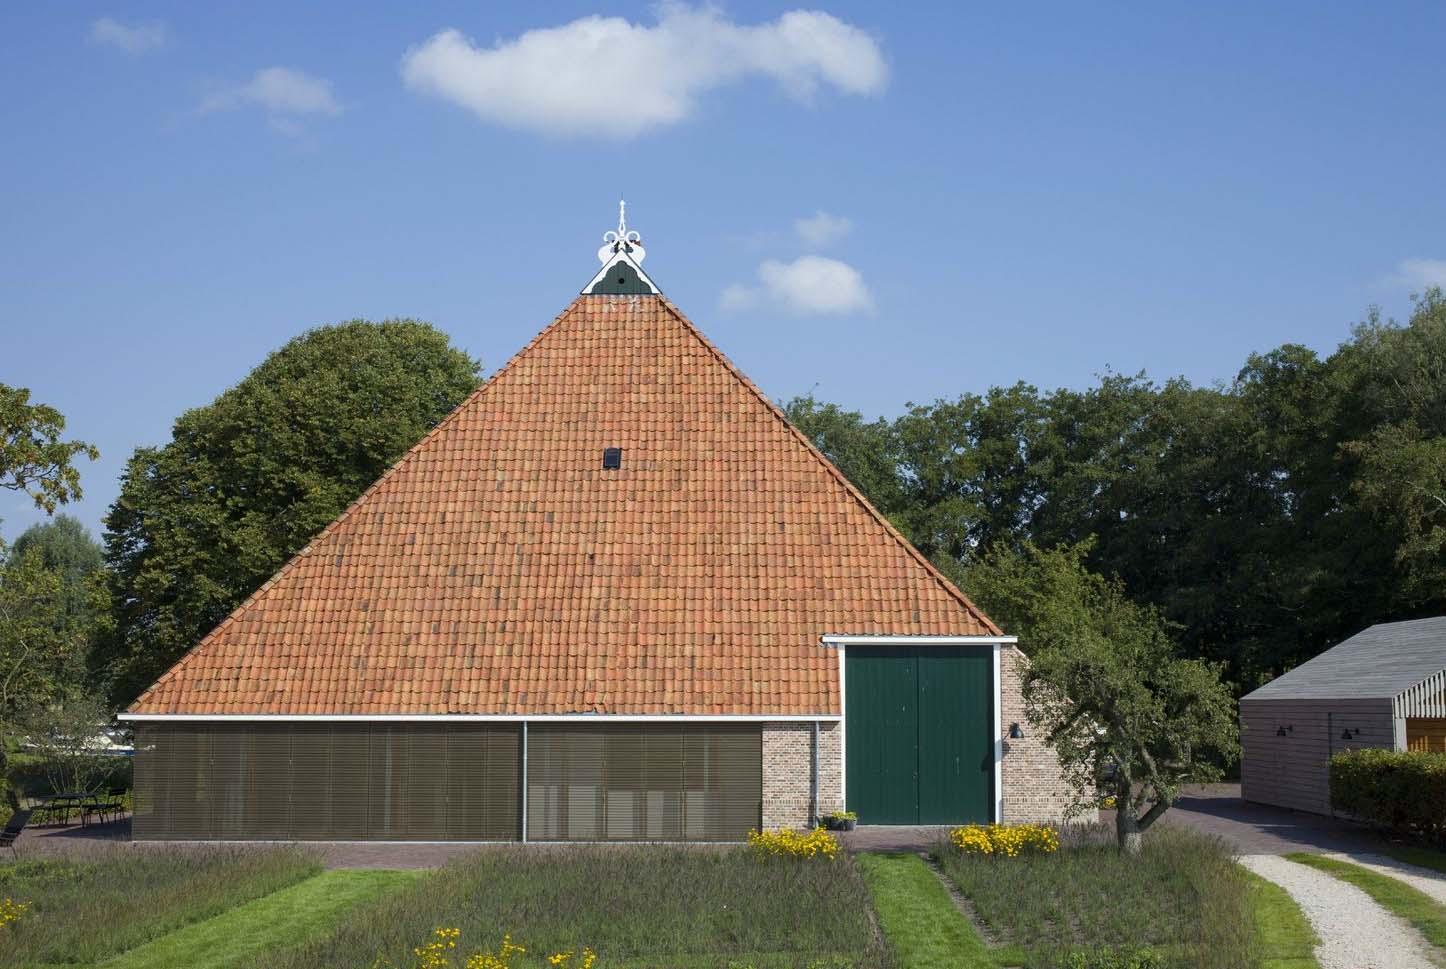 Casa fattoria in olanda by jelle de jong architekten arc for Fattoria moderna a 2 piani